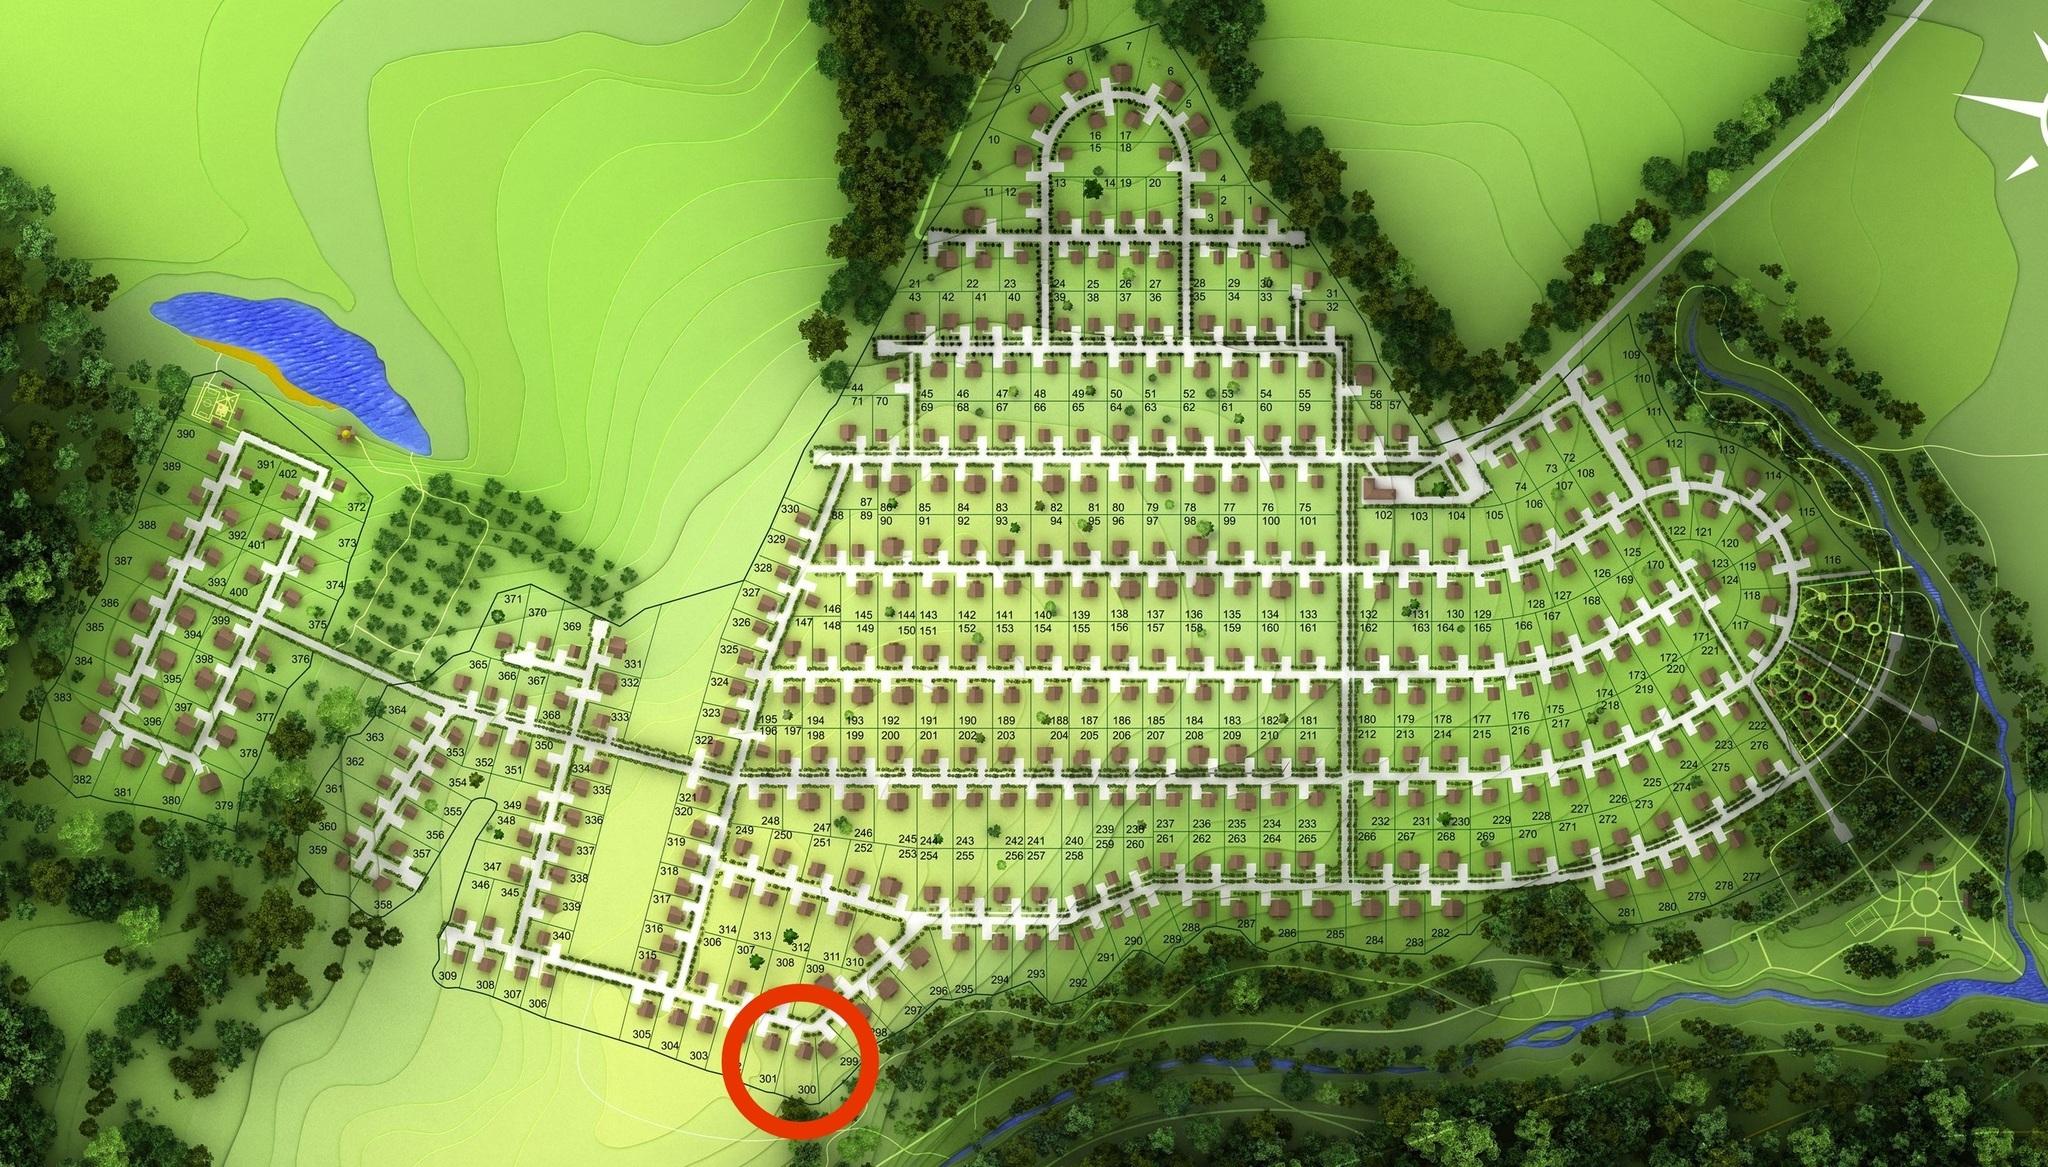 Цены на участки Участок 500 сот. (5 га) под усадьбу в «Романовском Парке» по Симферопольскому шоссе в Заокском районе GENPLAN-30020181203-11312-i46ju2.jpg